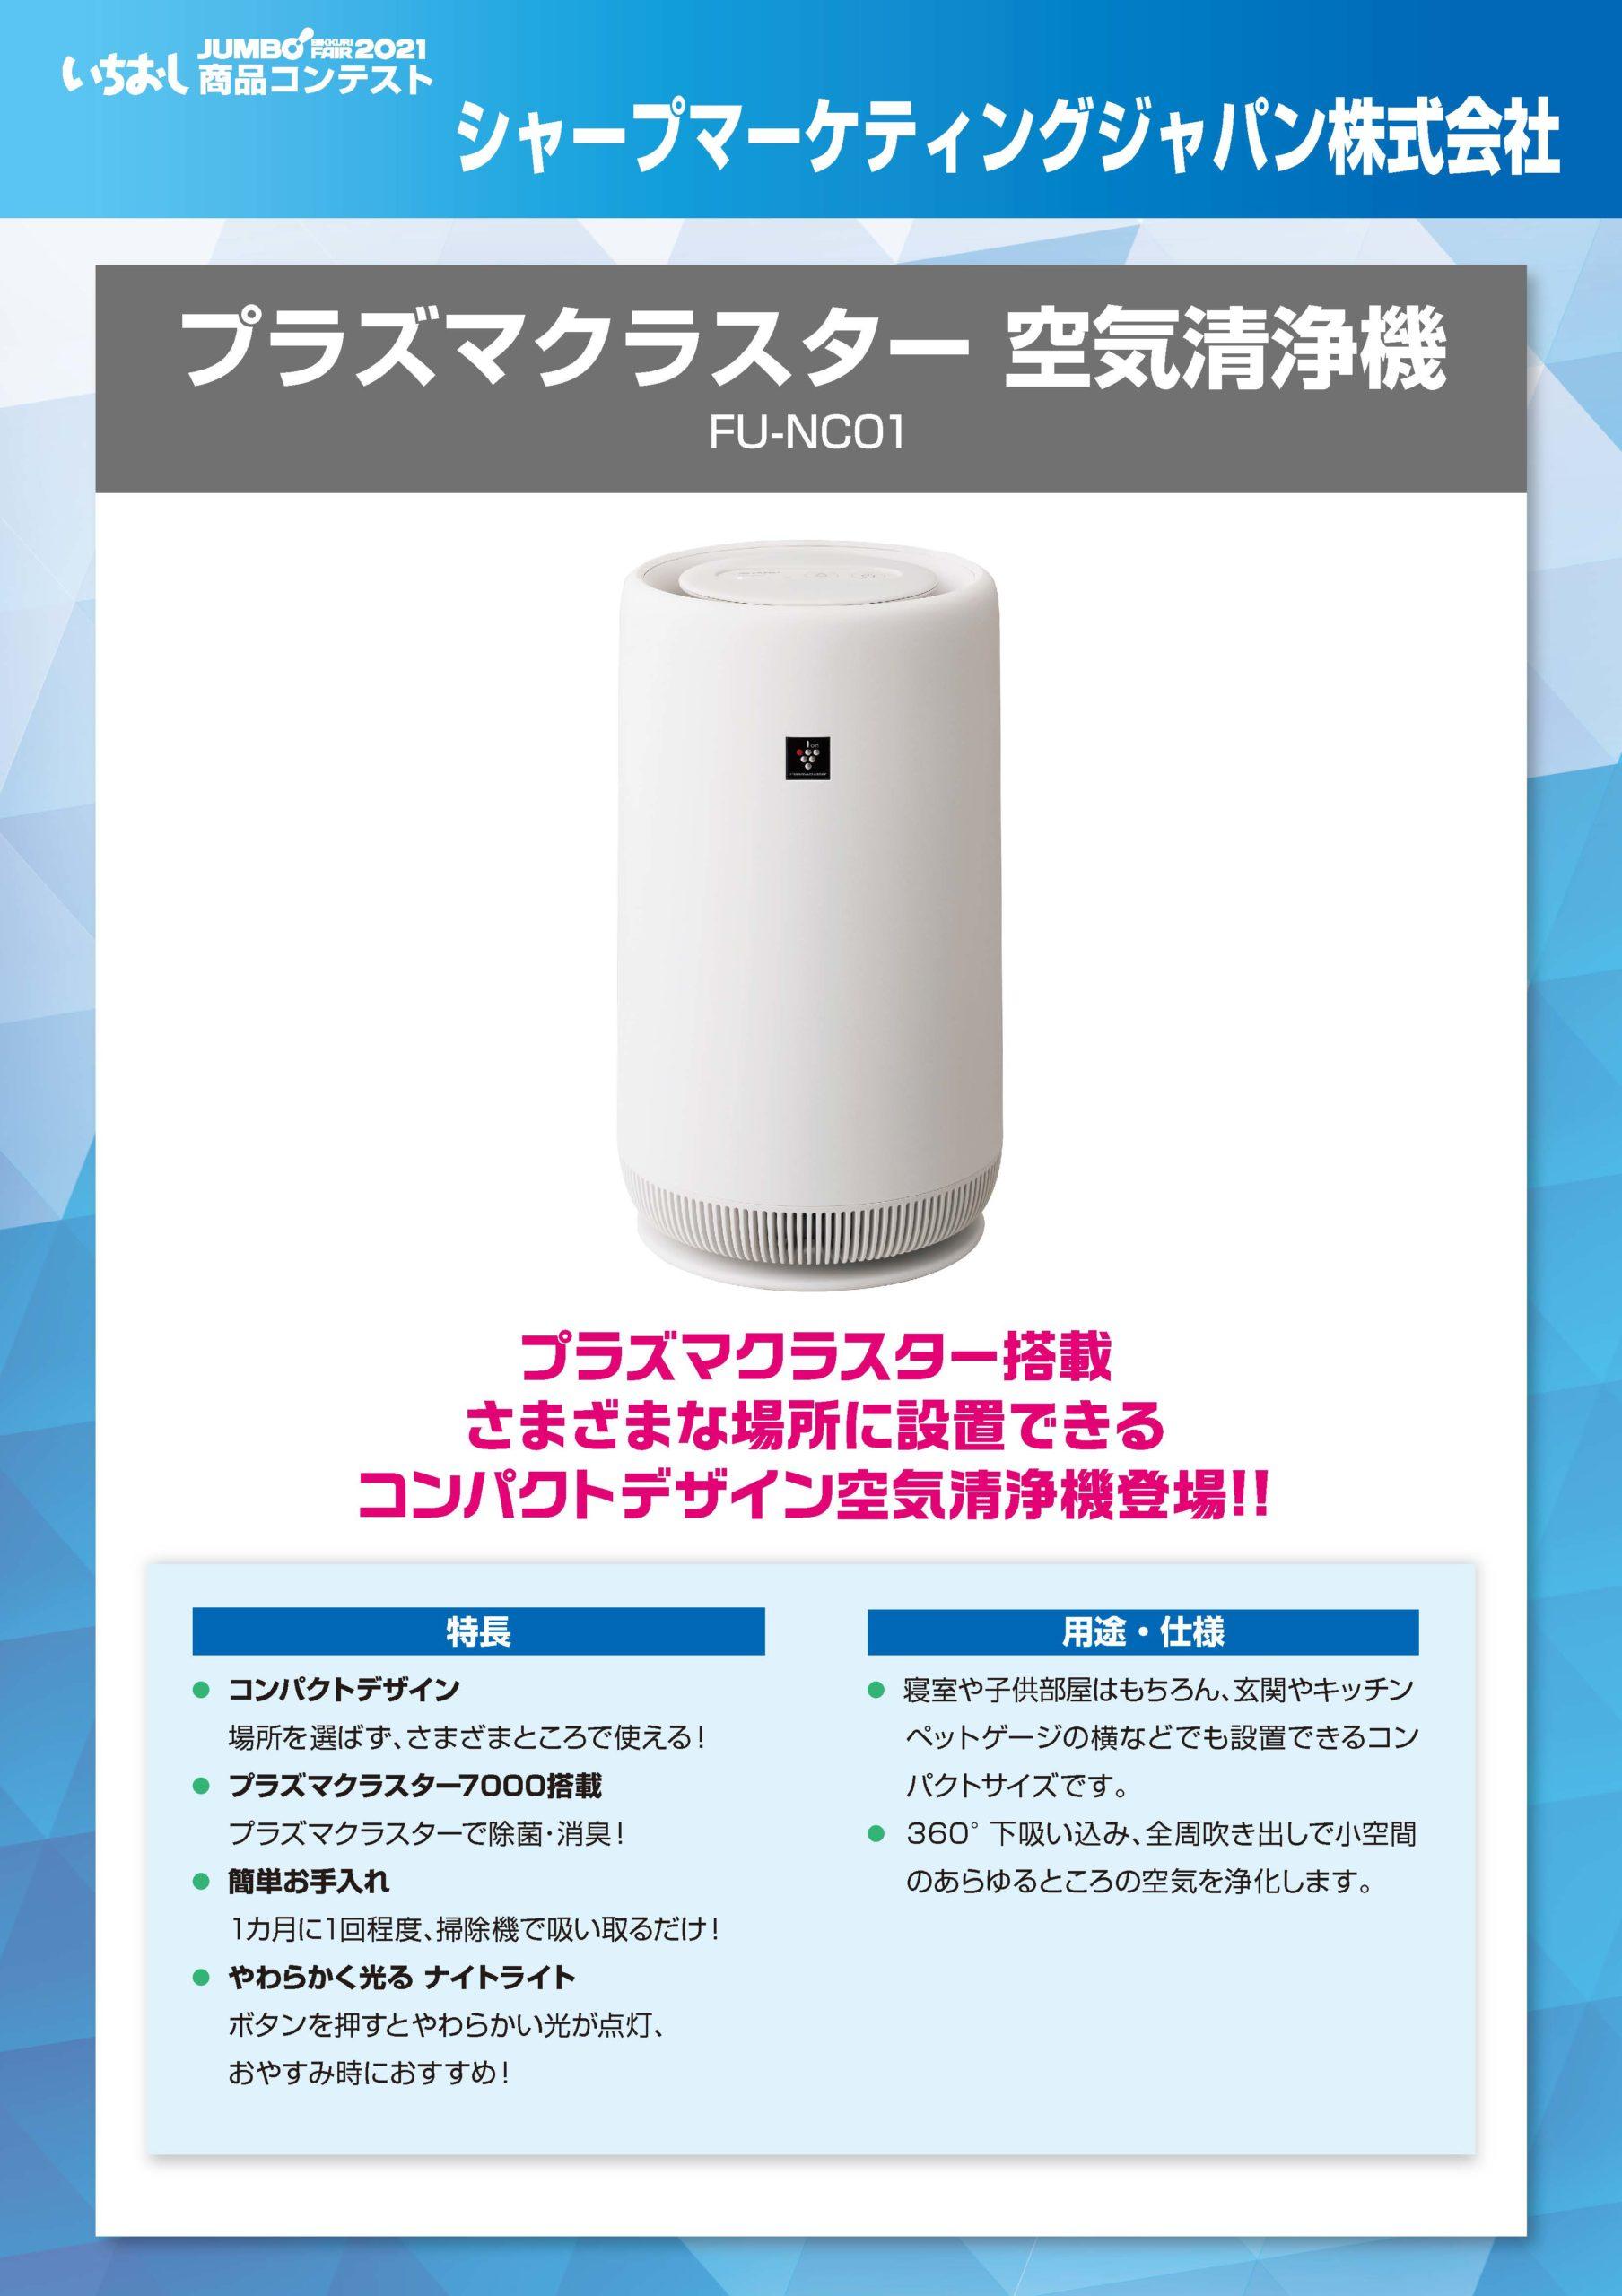 「プラズマクラスター 空気清浄機」シャープマーケティングジャパン株式会社の画像